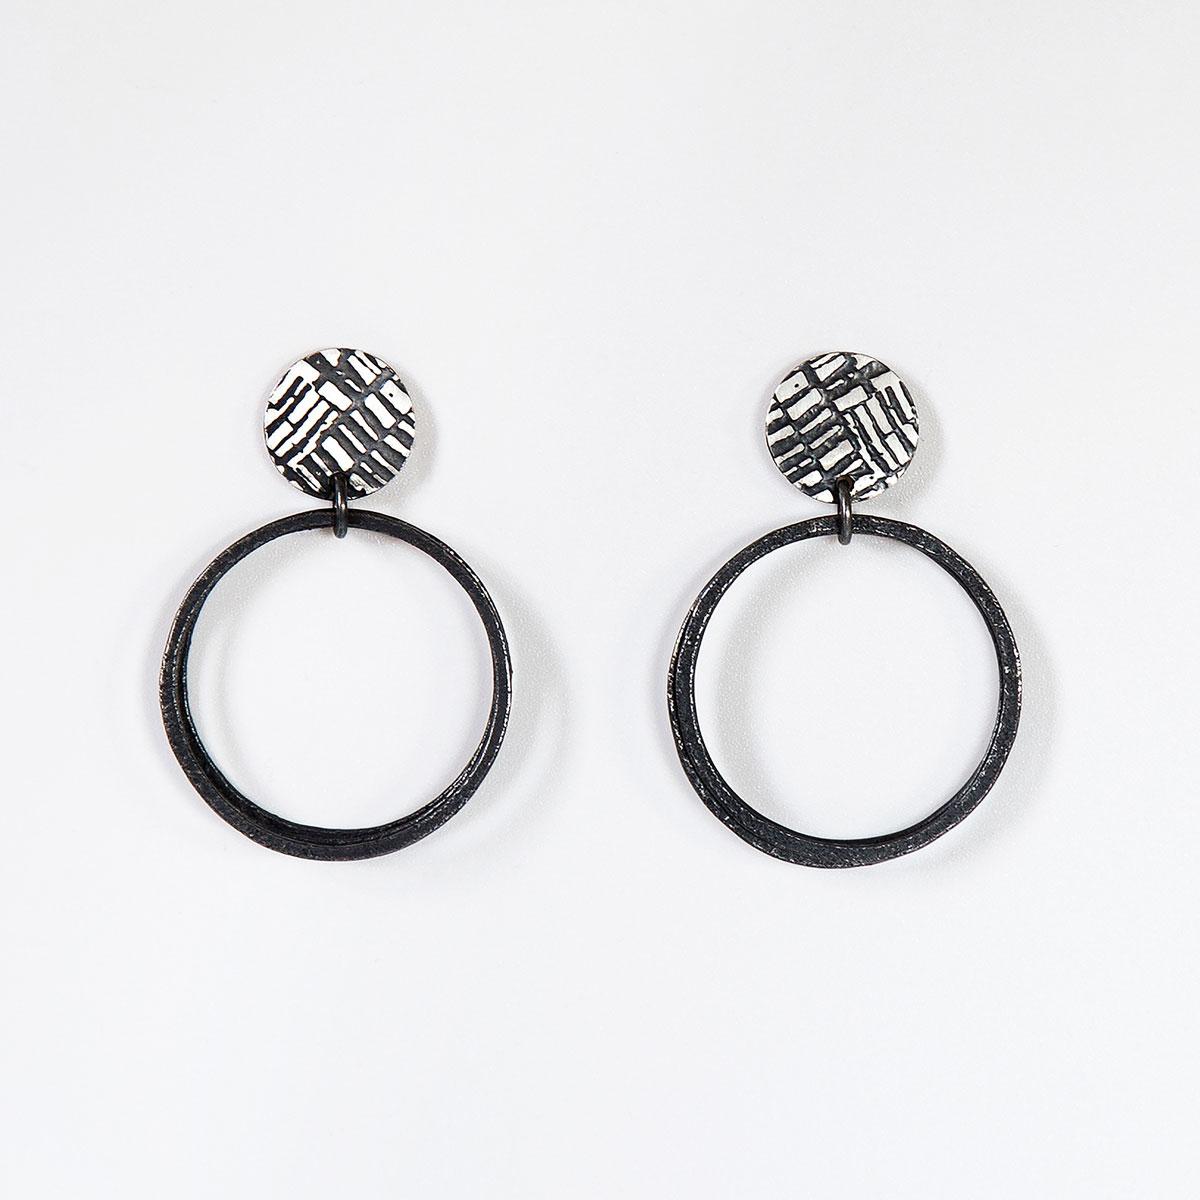 'Weave' Black Loop Earrings, Large